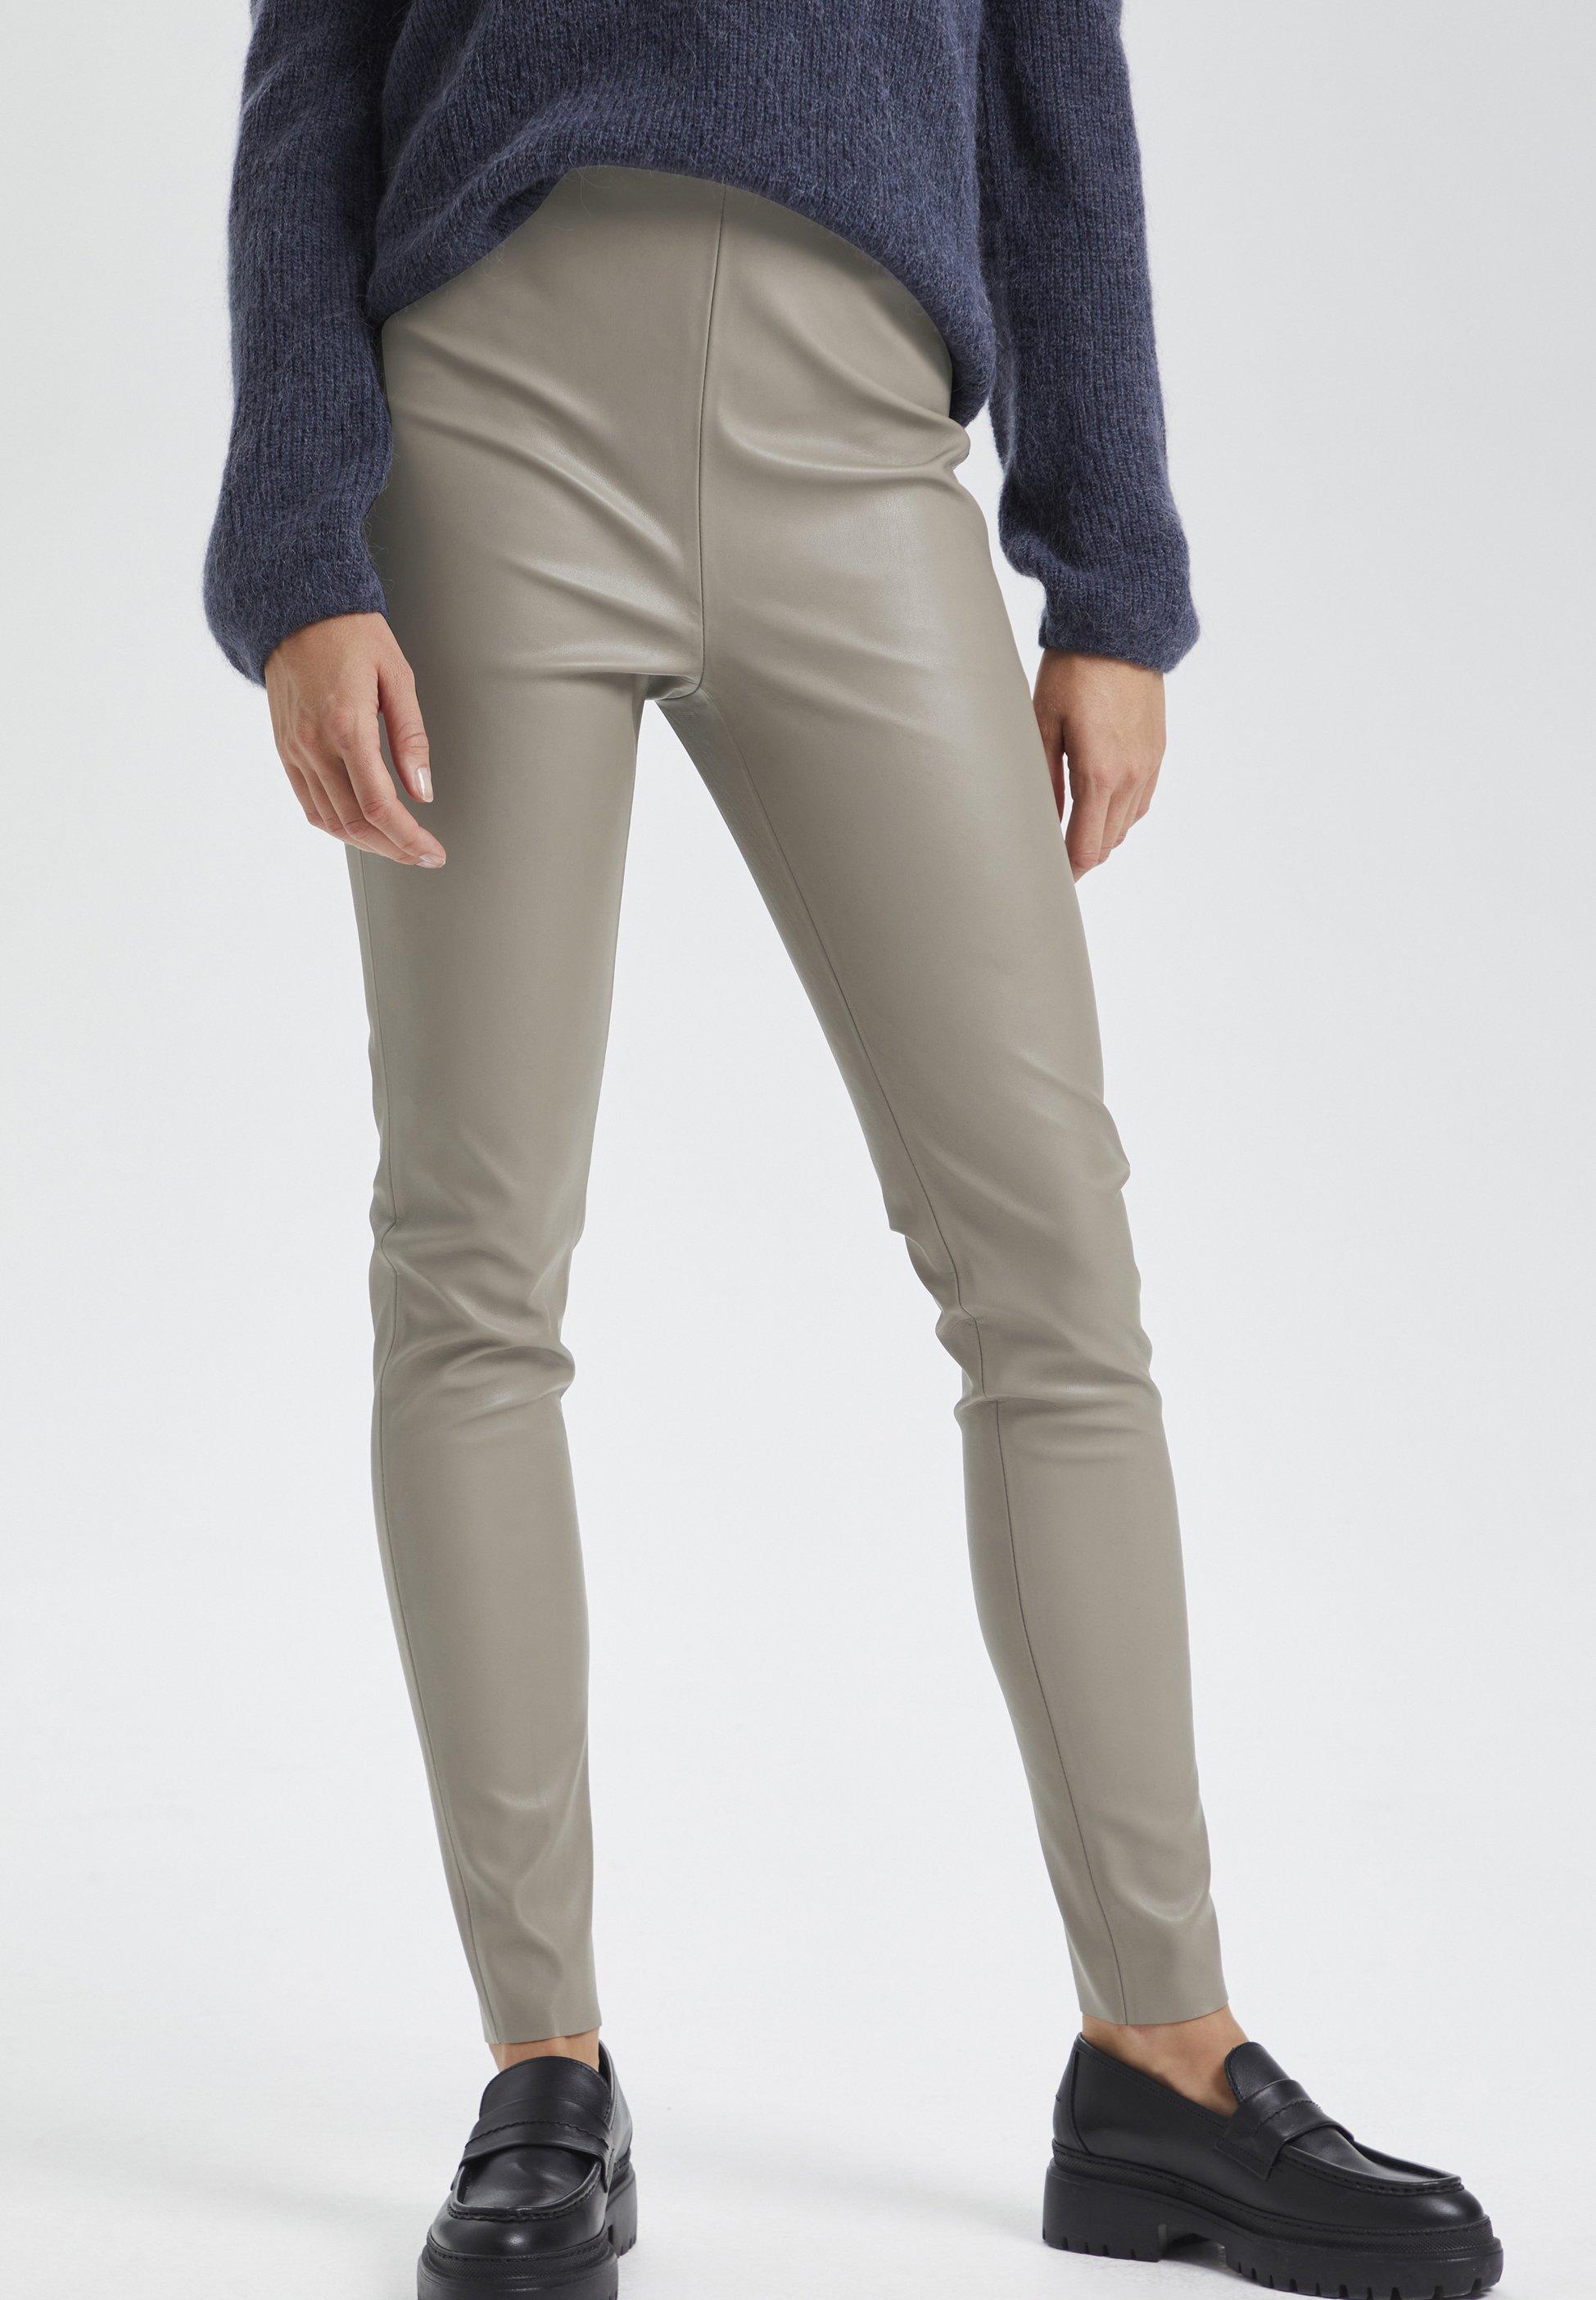 Damen KAYLEE - Leggings - Hosen